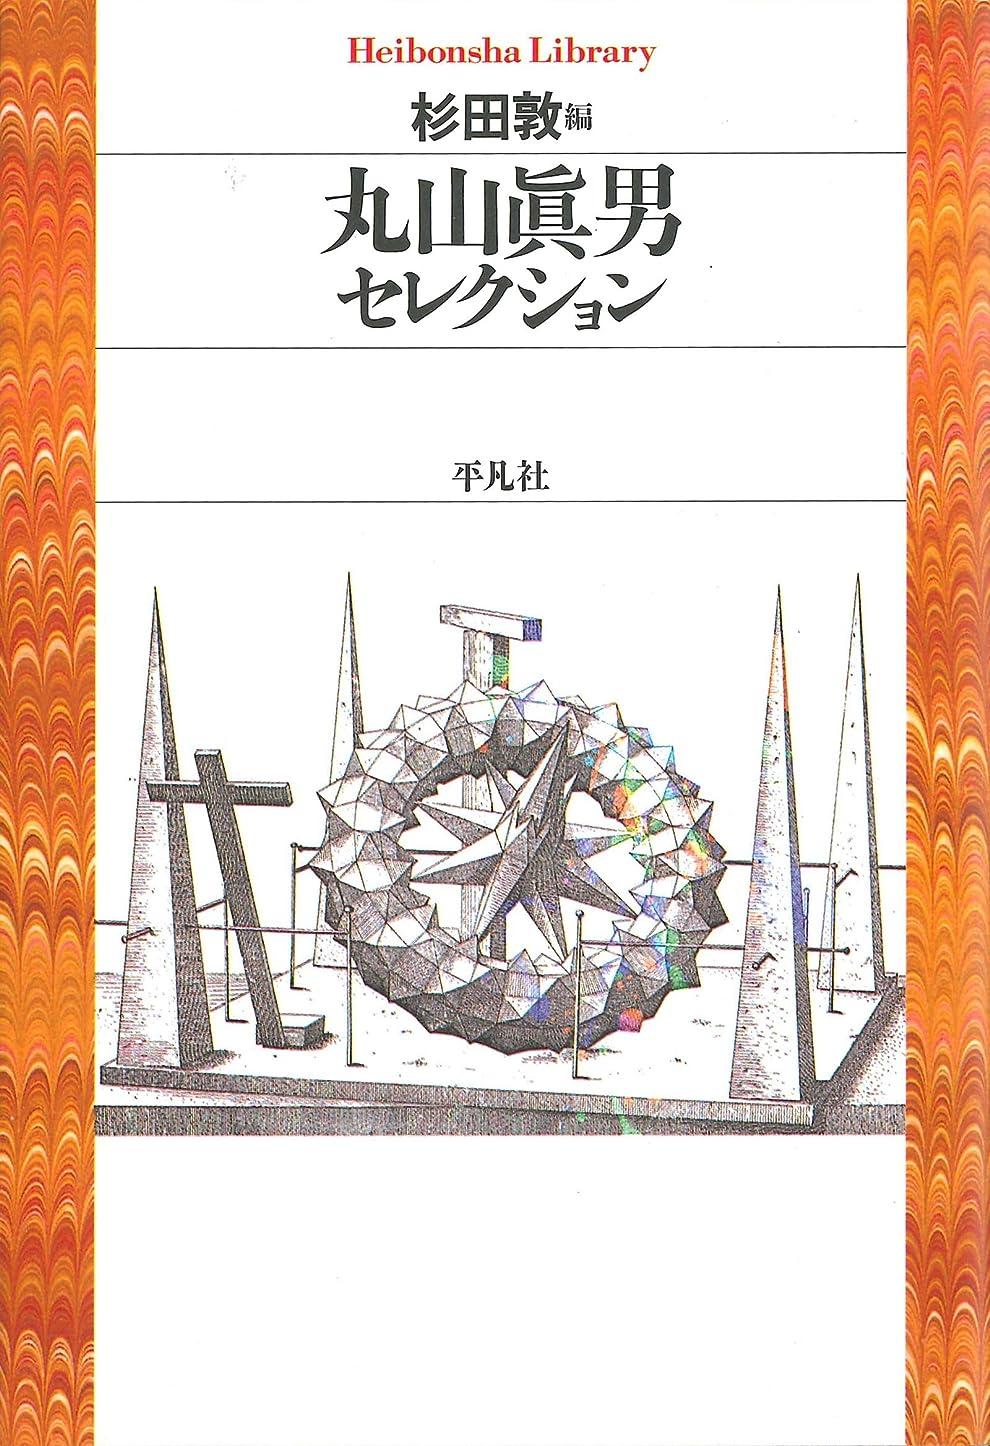 入札砦または丸山眞男セレクション (平凡社ライブラリー700)